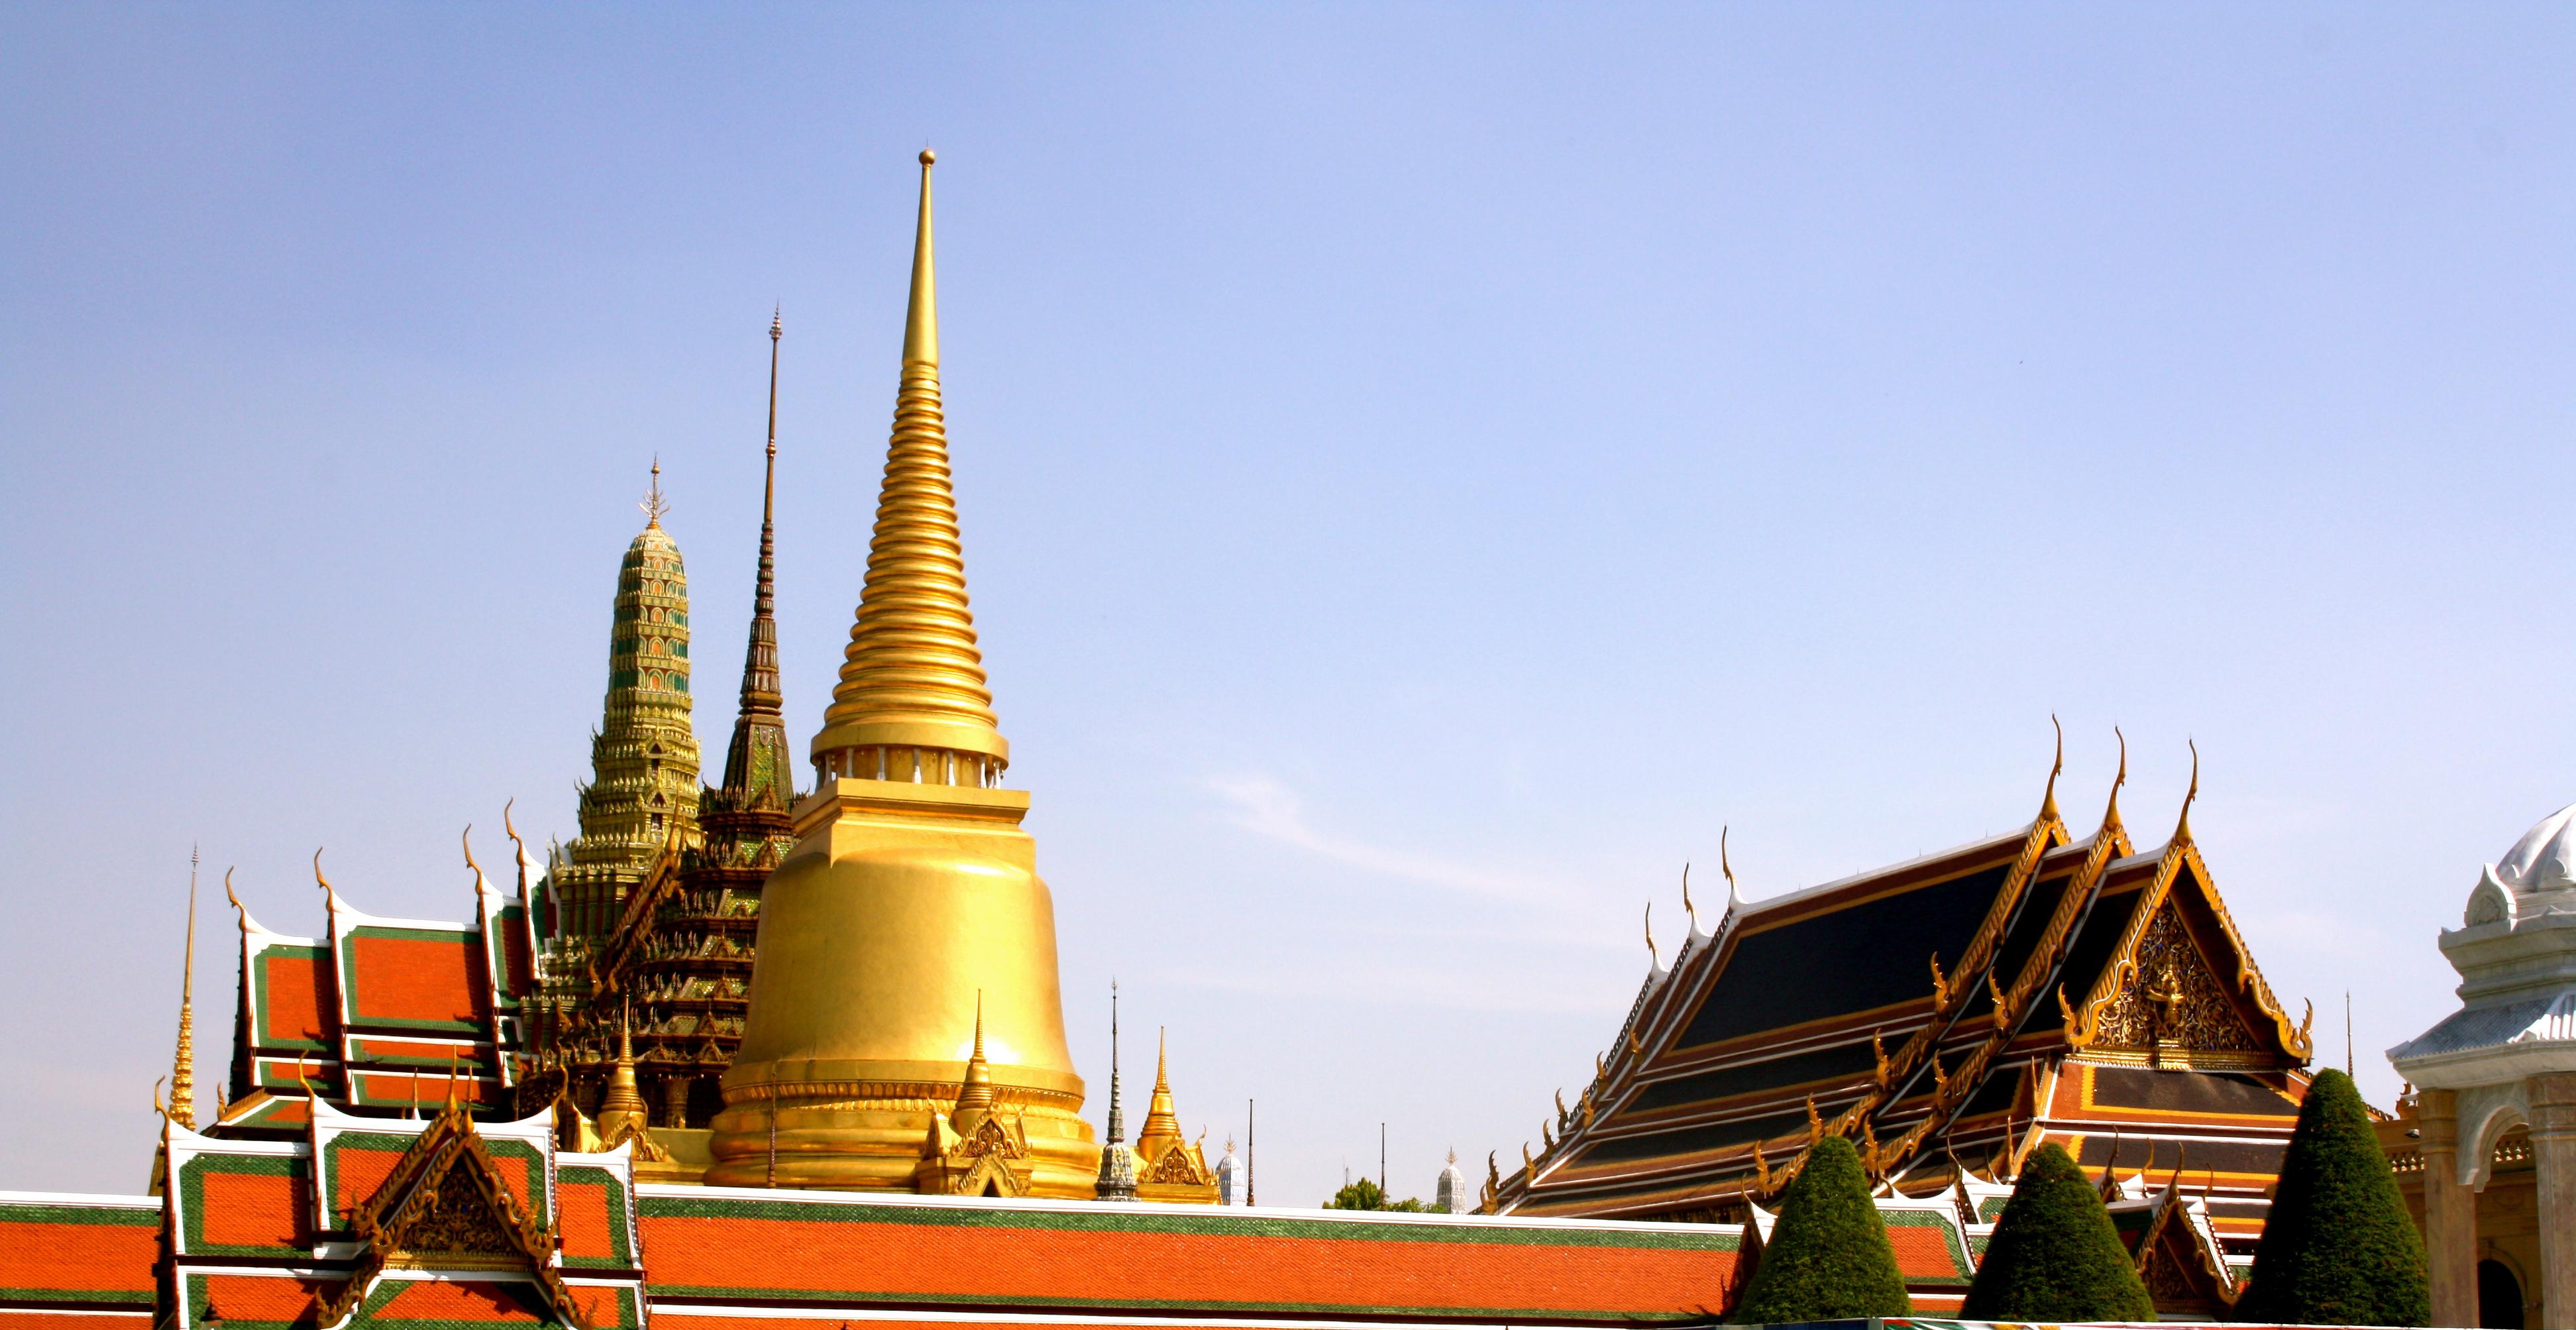 کارگزار تور تایلند